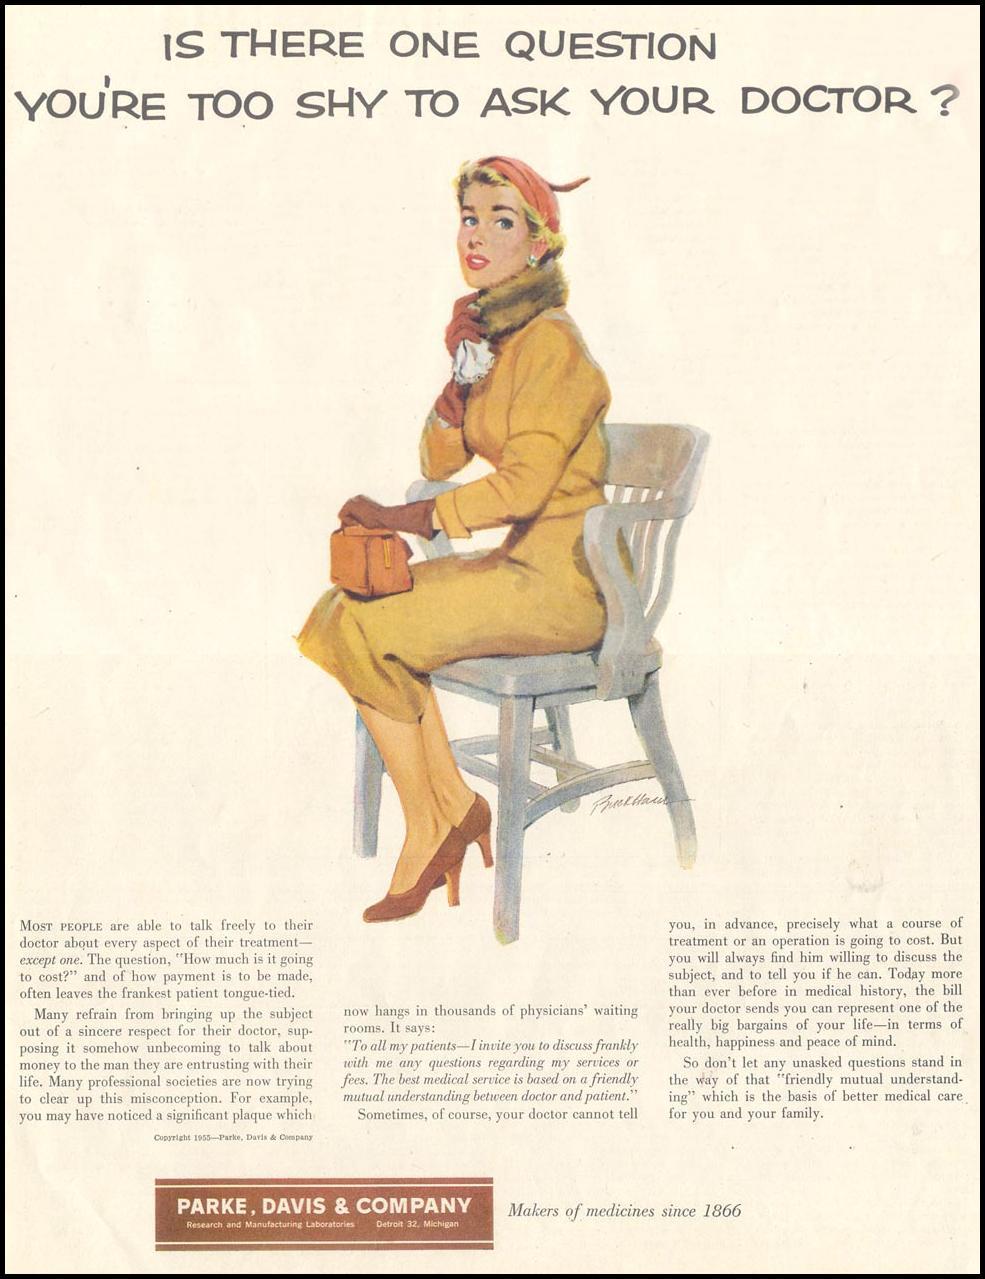 PHARMACEUTICALS SATURDAY EVENING POST 12/10/1955 p. 129